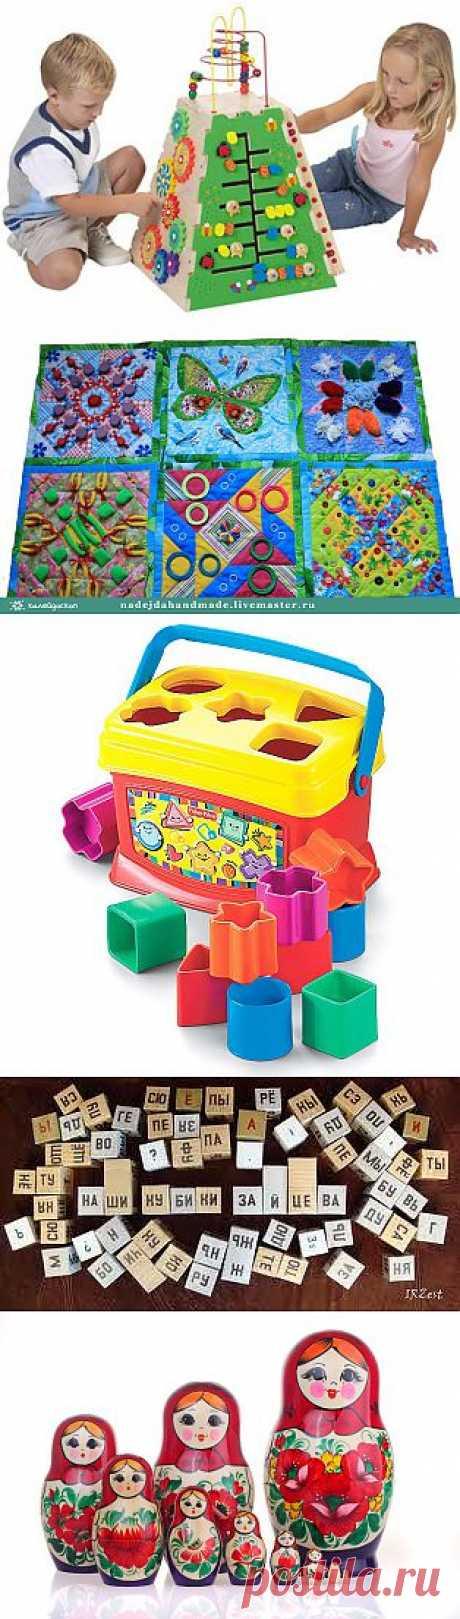 О развивающих игрушках для детей..